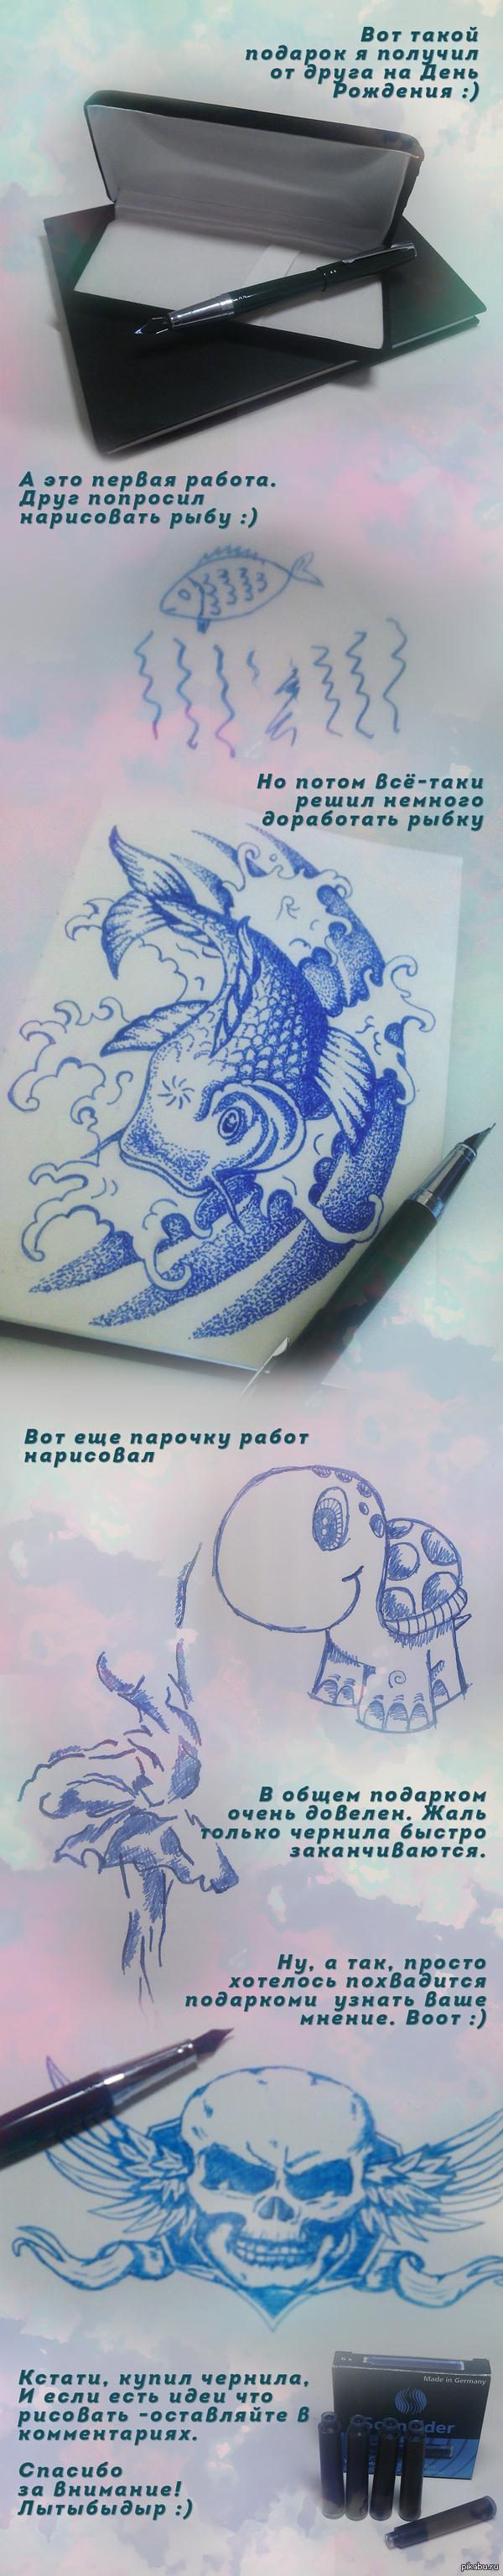 Рисунки перьевой ручкой Подарок на день рождения :) И первые испытания